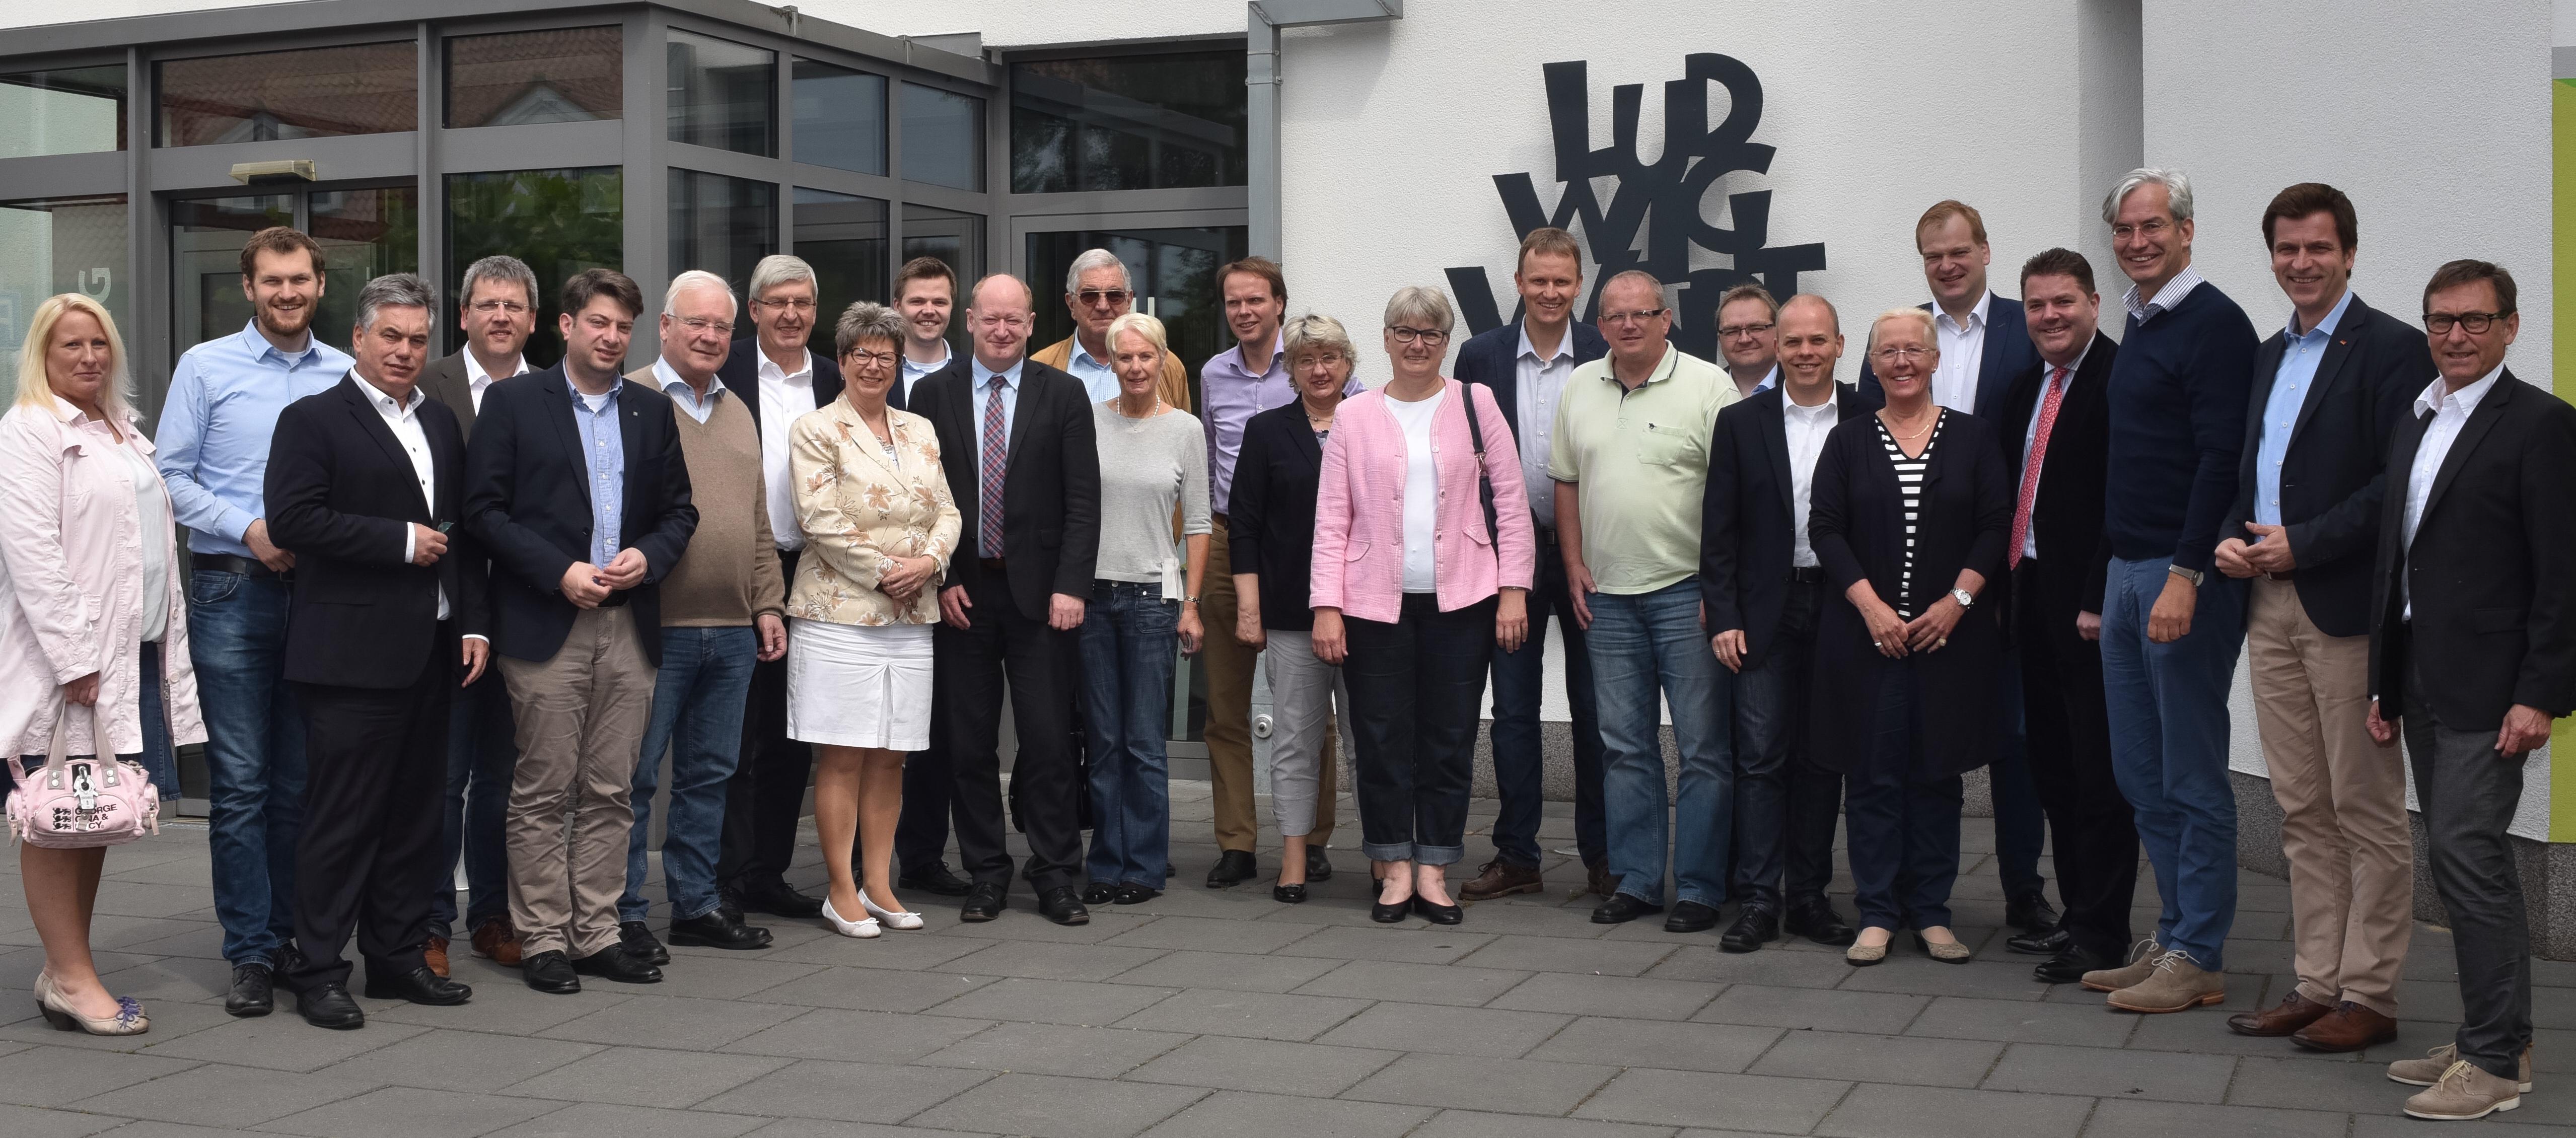 CDU BV 2016.6.11 II